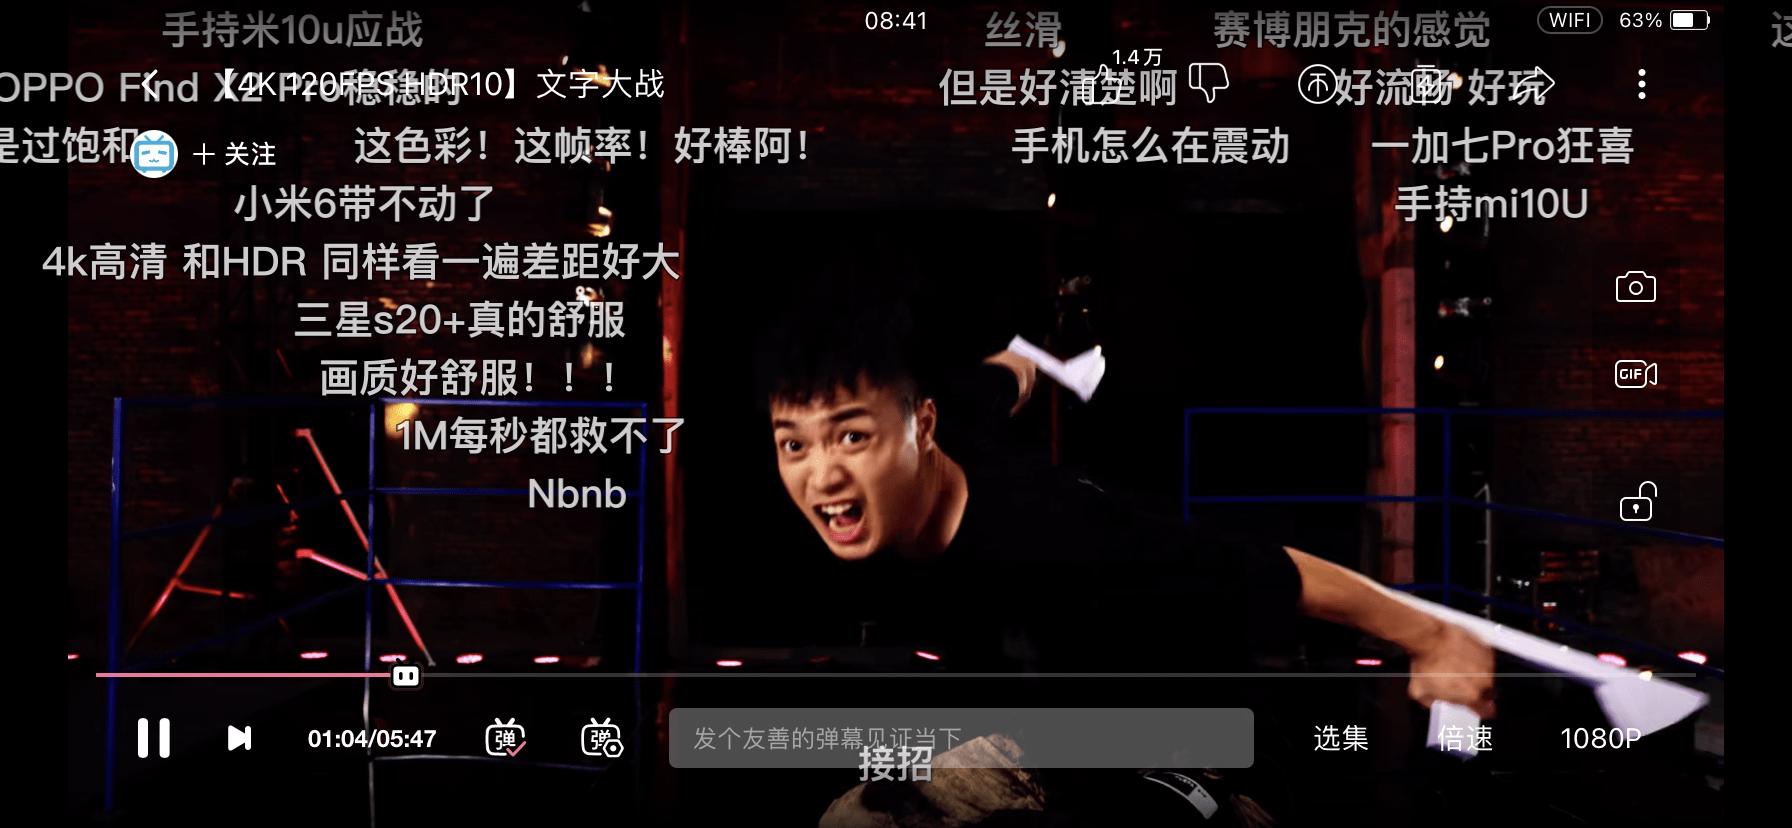 最前方 | B站晋级HDR10真彩画质,4K+120帧+HDR10果真有那末丝滑吗?